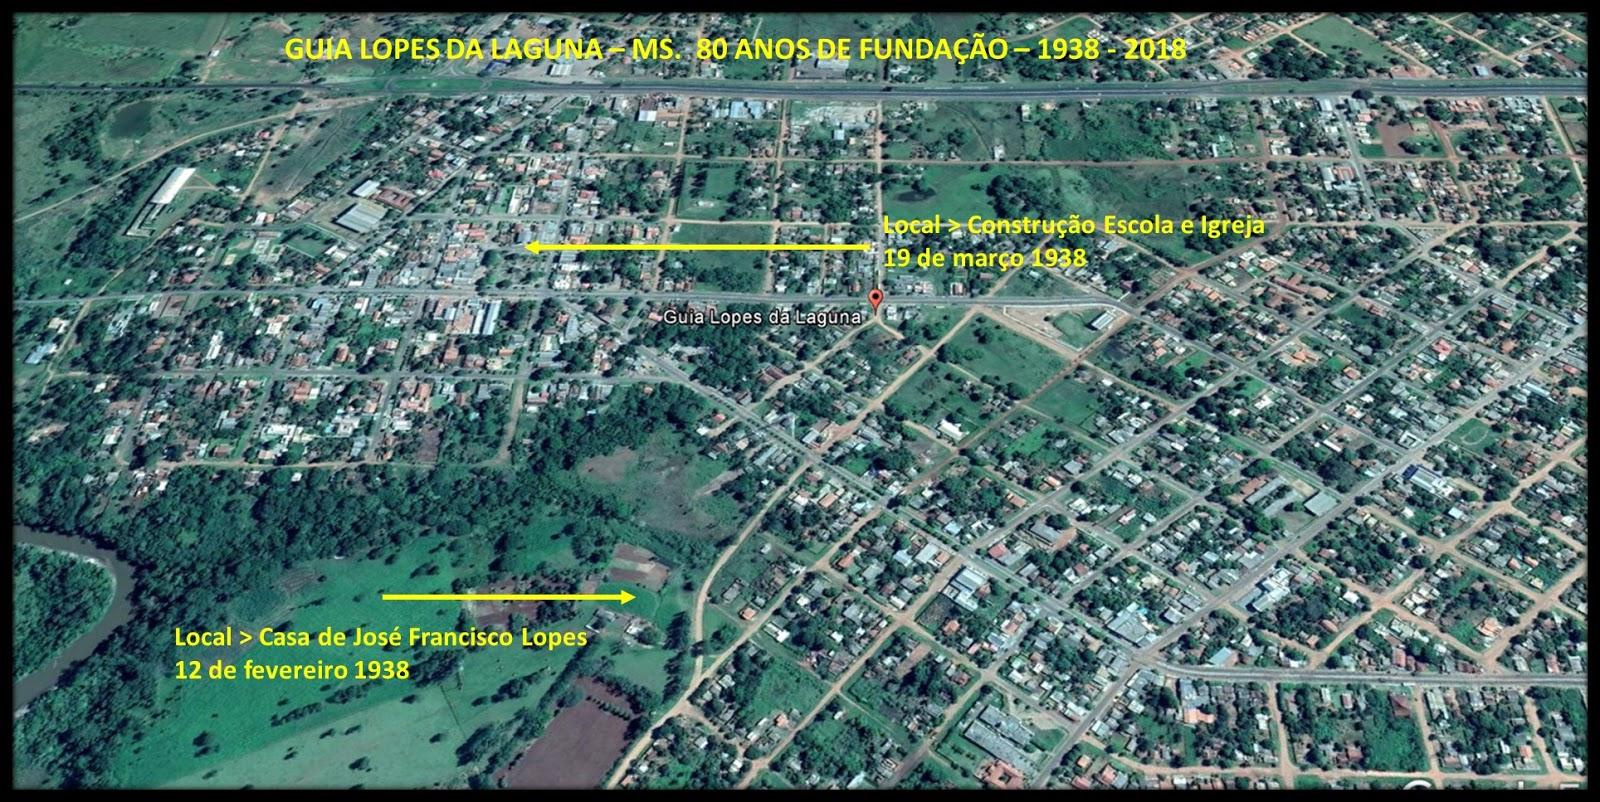 Guia Lopes da Laguna Mato Grosso do Sul fonte: 2.bp.blogspot.com